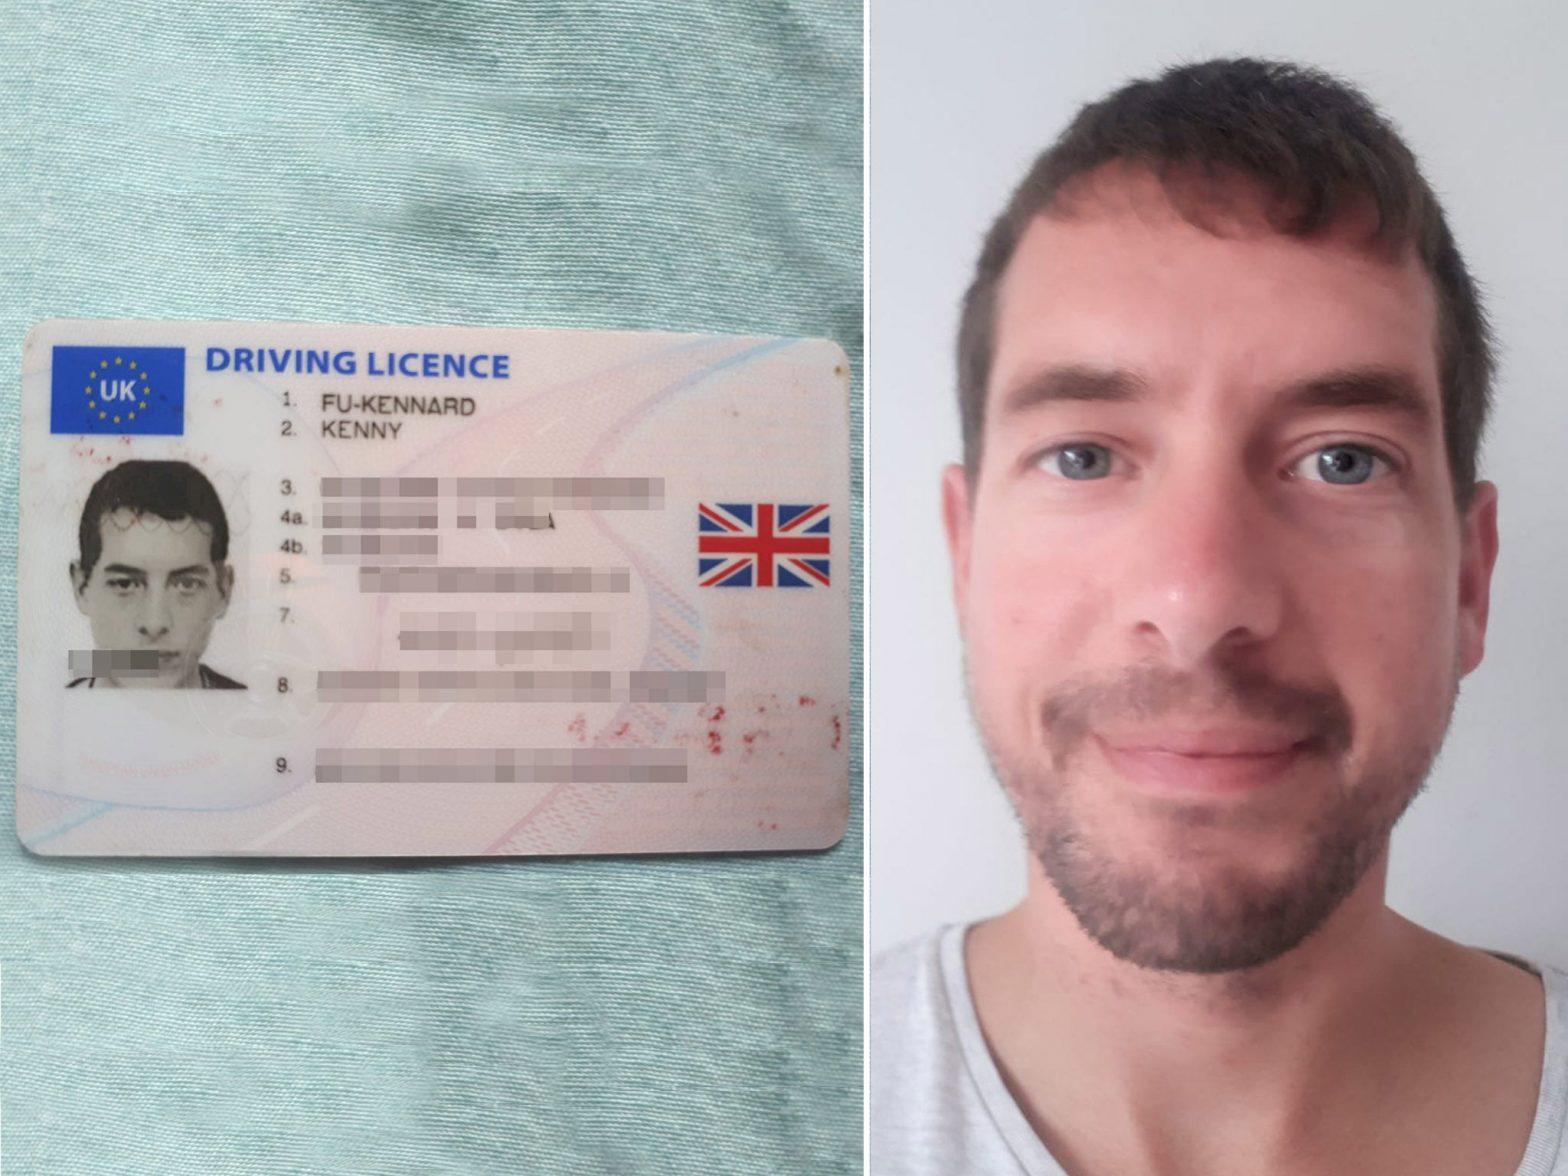 Man who changed surname to Fu-Kennard denied UK passport